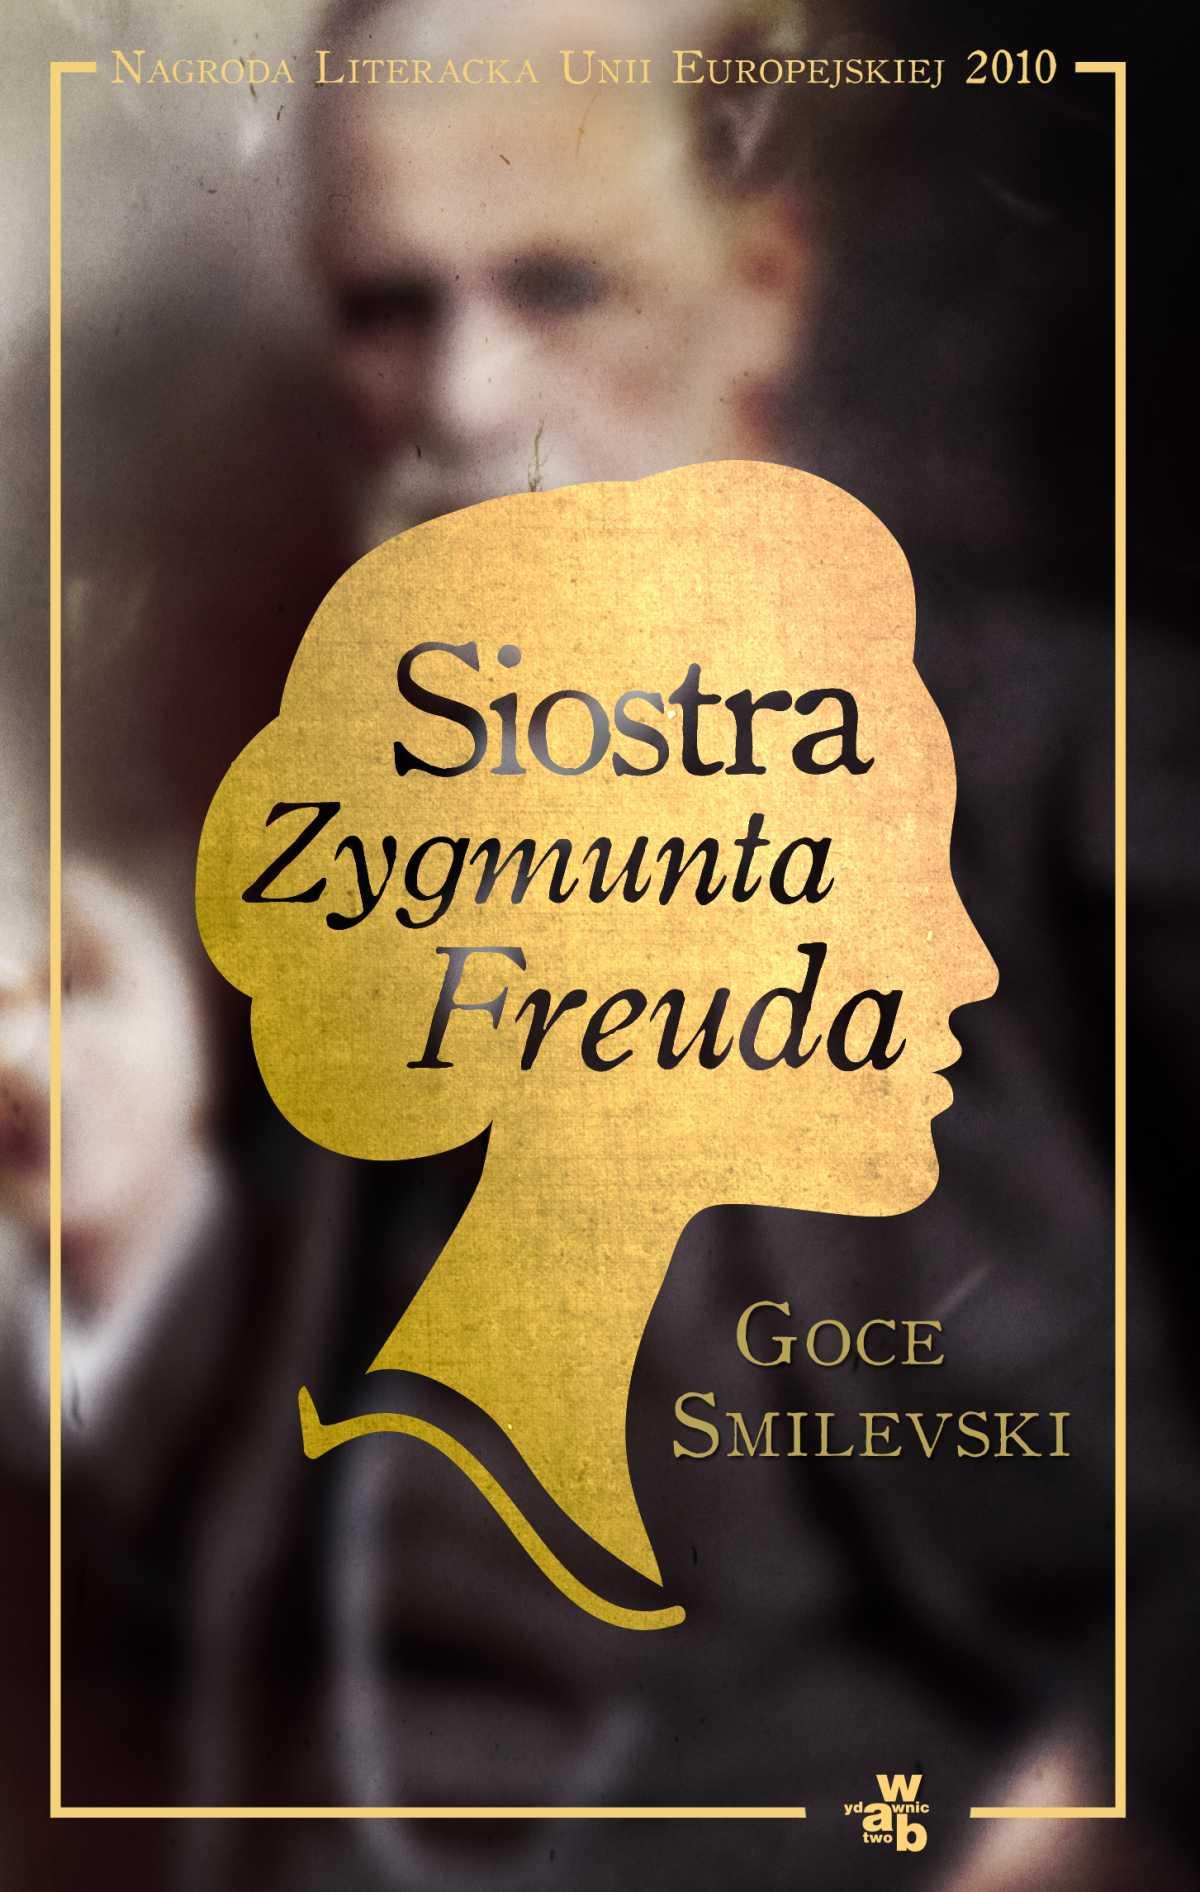 Siostra Zygmunta Freuda - Ebook (Książka EPUB) do pobrania w formacie EPUB